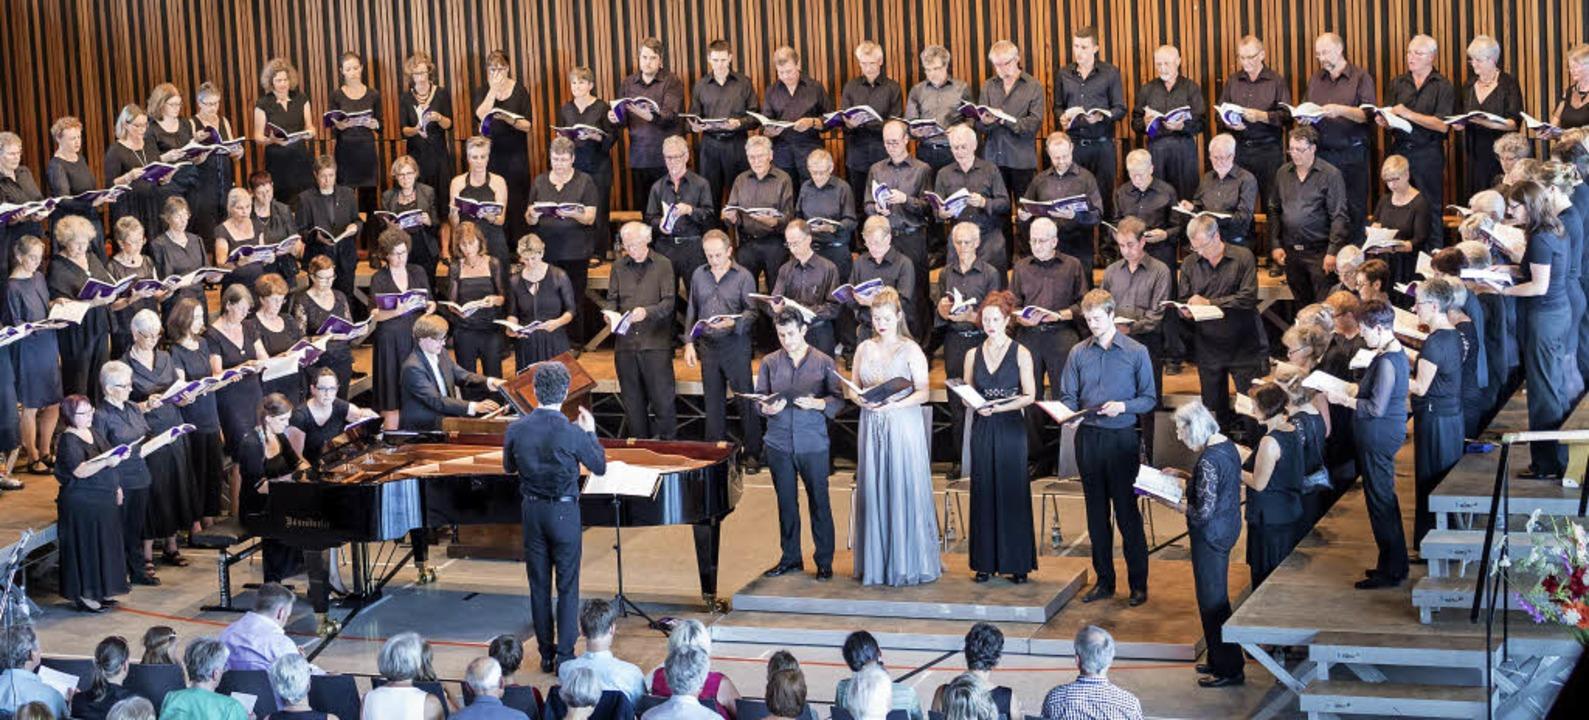 Der Gundelfinger Chor Cantemus bei einem seiner Konzerte   | Foto: Privat